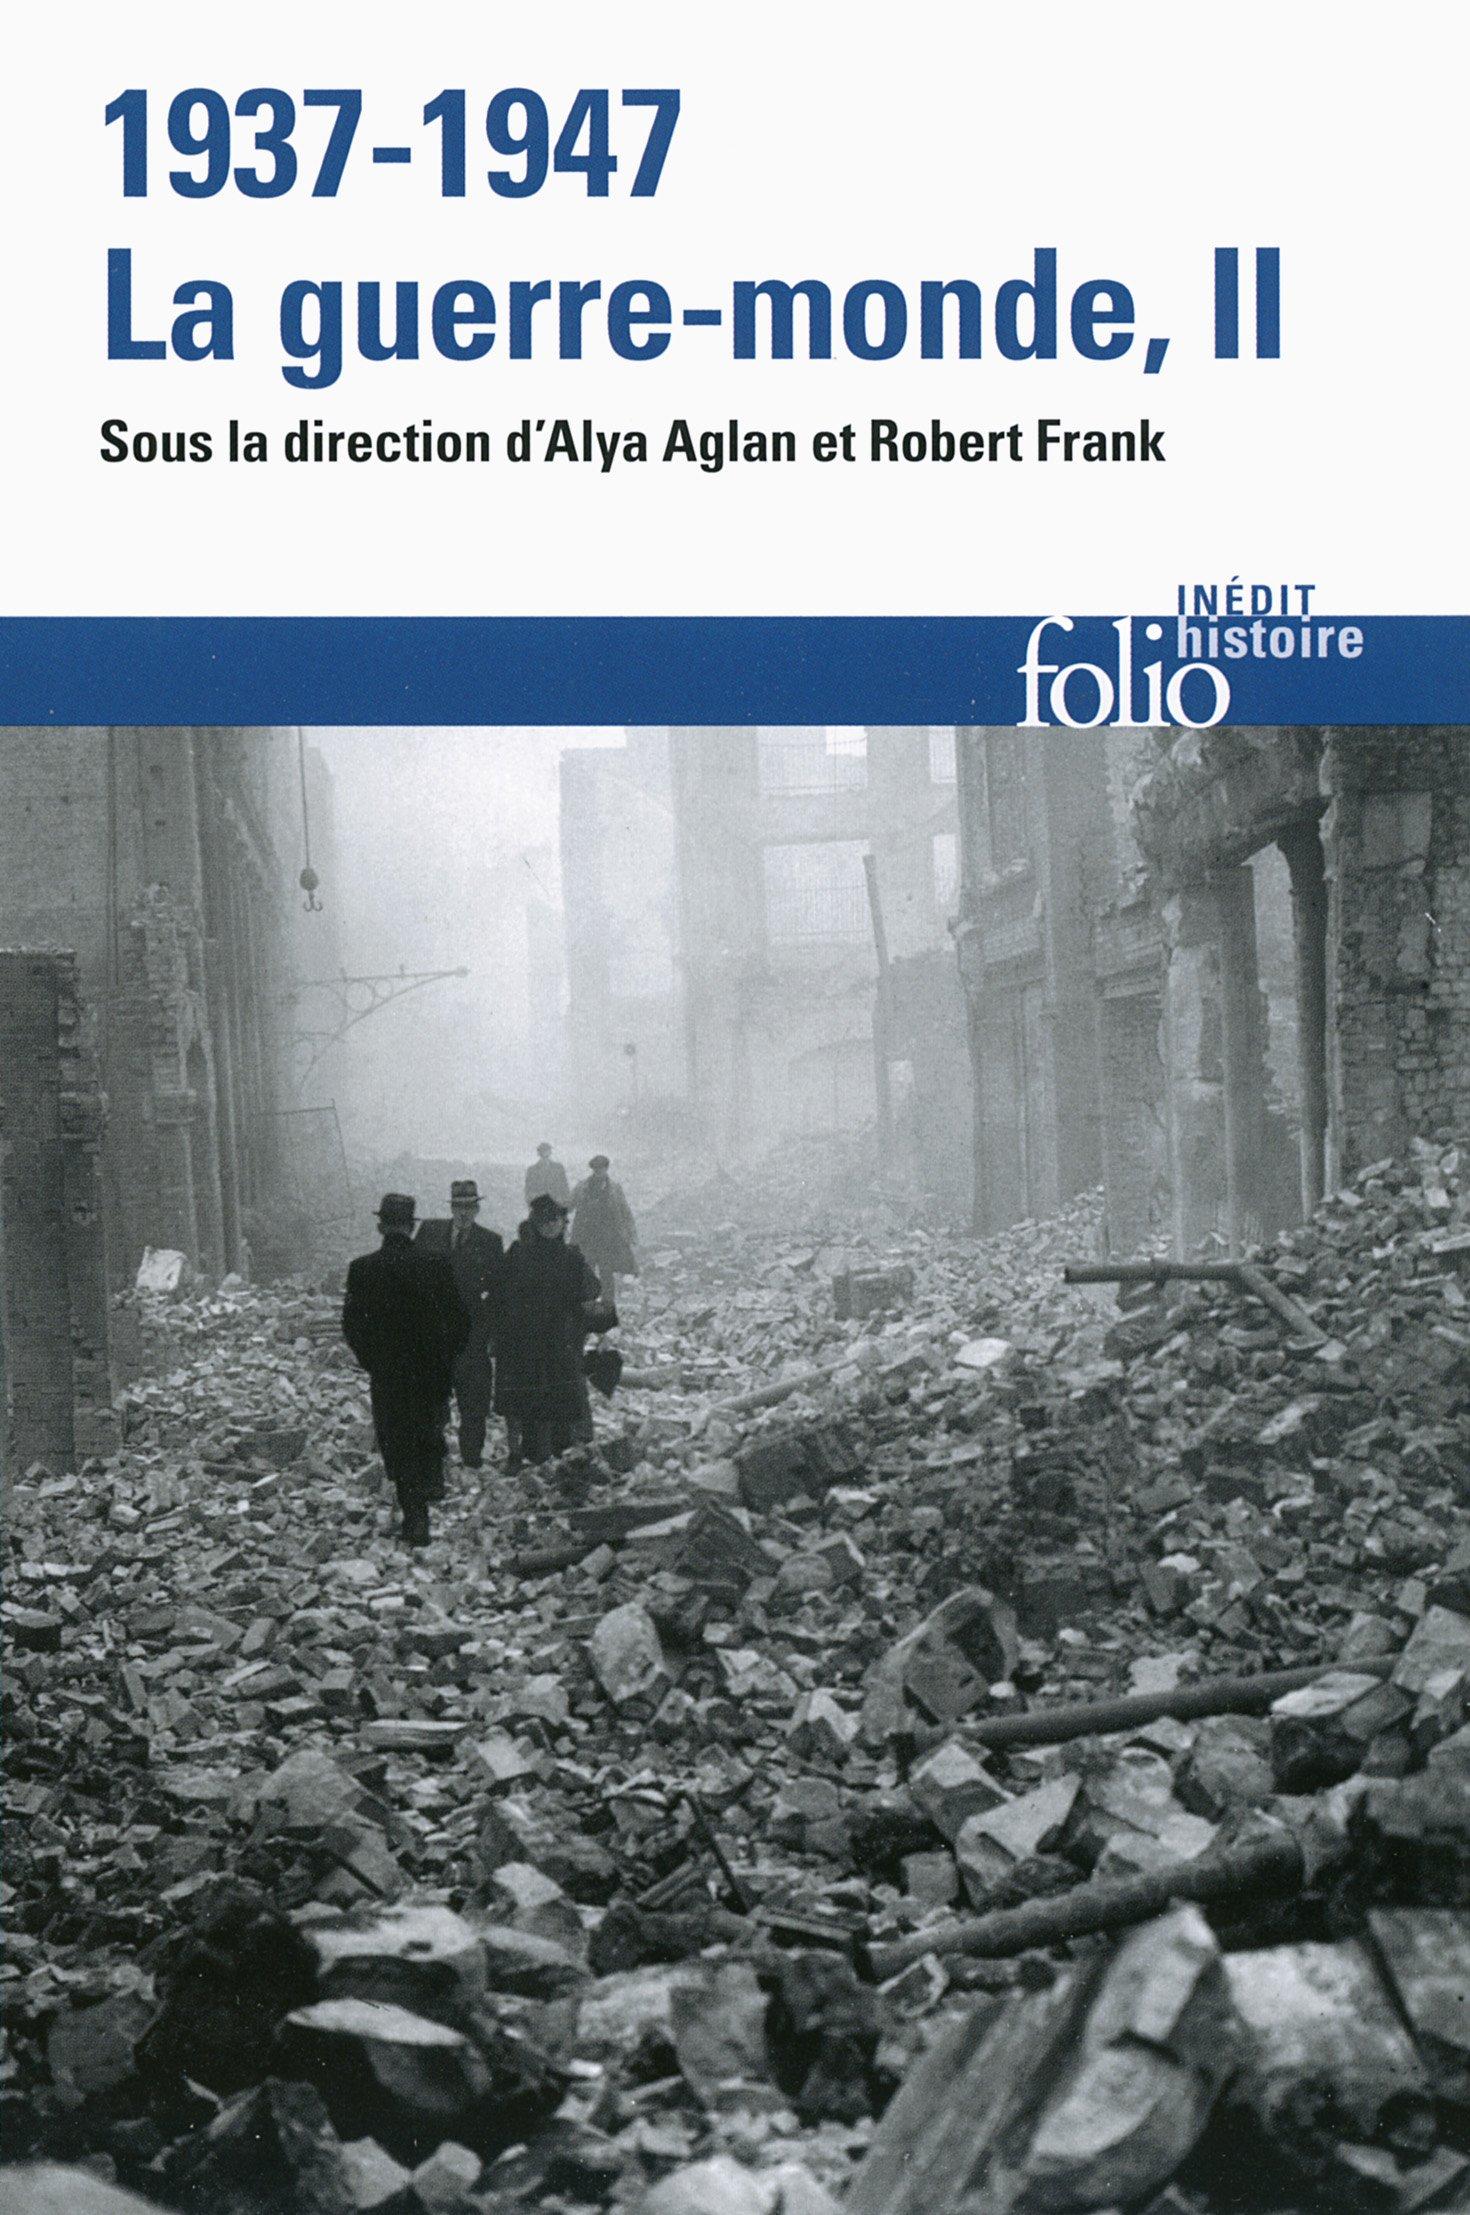 Amazon.fr - 1937-1947 : la guerre-monde (Tome 2) - Claire Andrieu, Ludivine  Bantigny, Jean-Baptiste Bruneau, Joanna Bourke, Tal Bruttmann, Johann  Chapoutot, ...